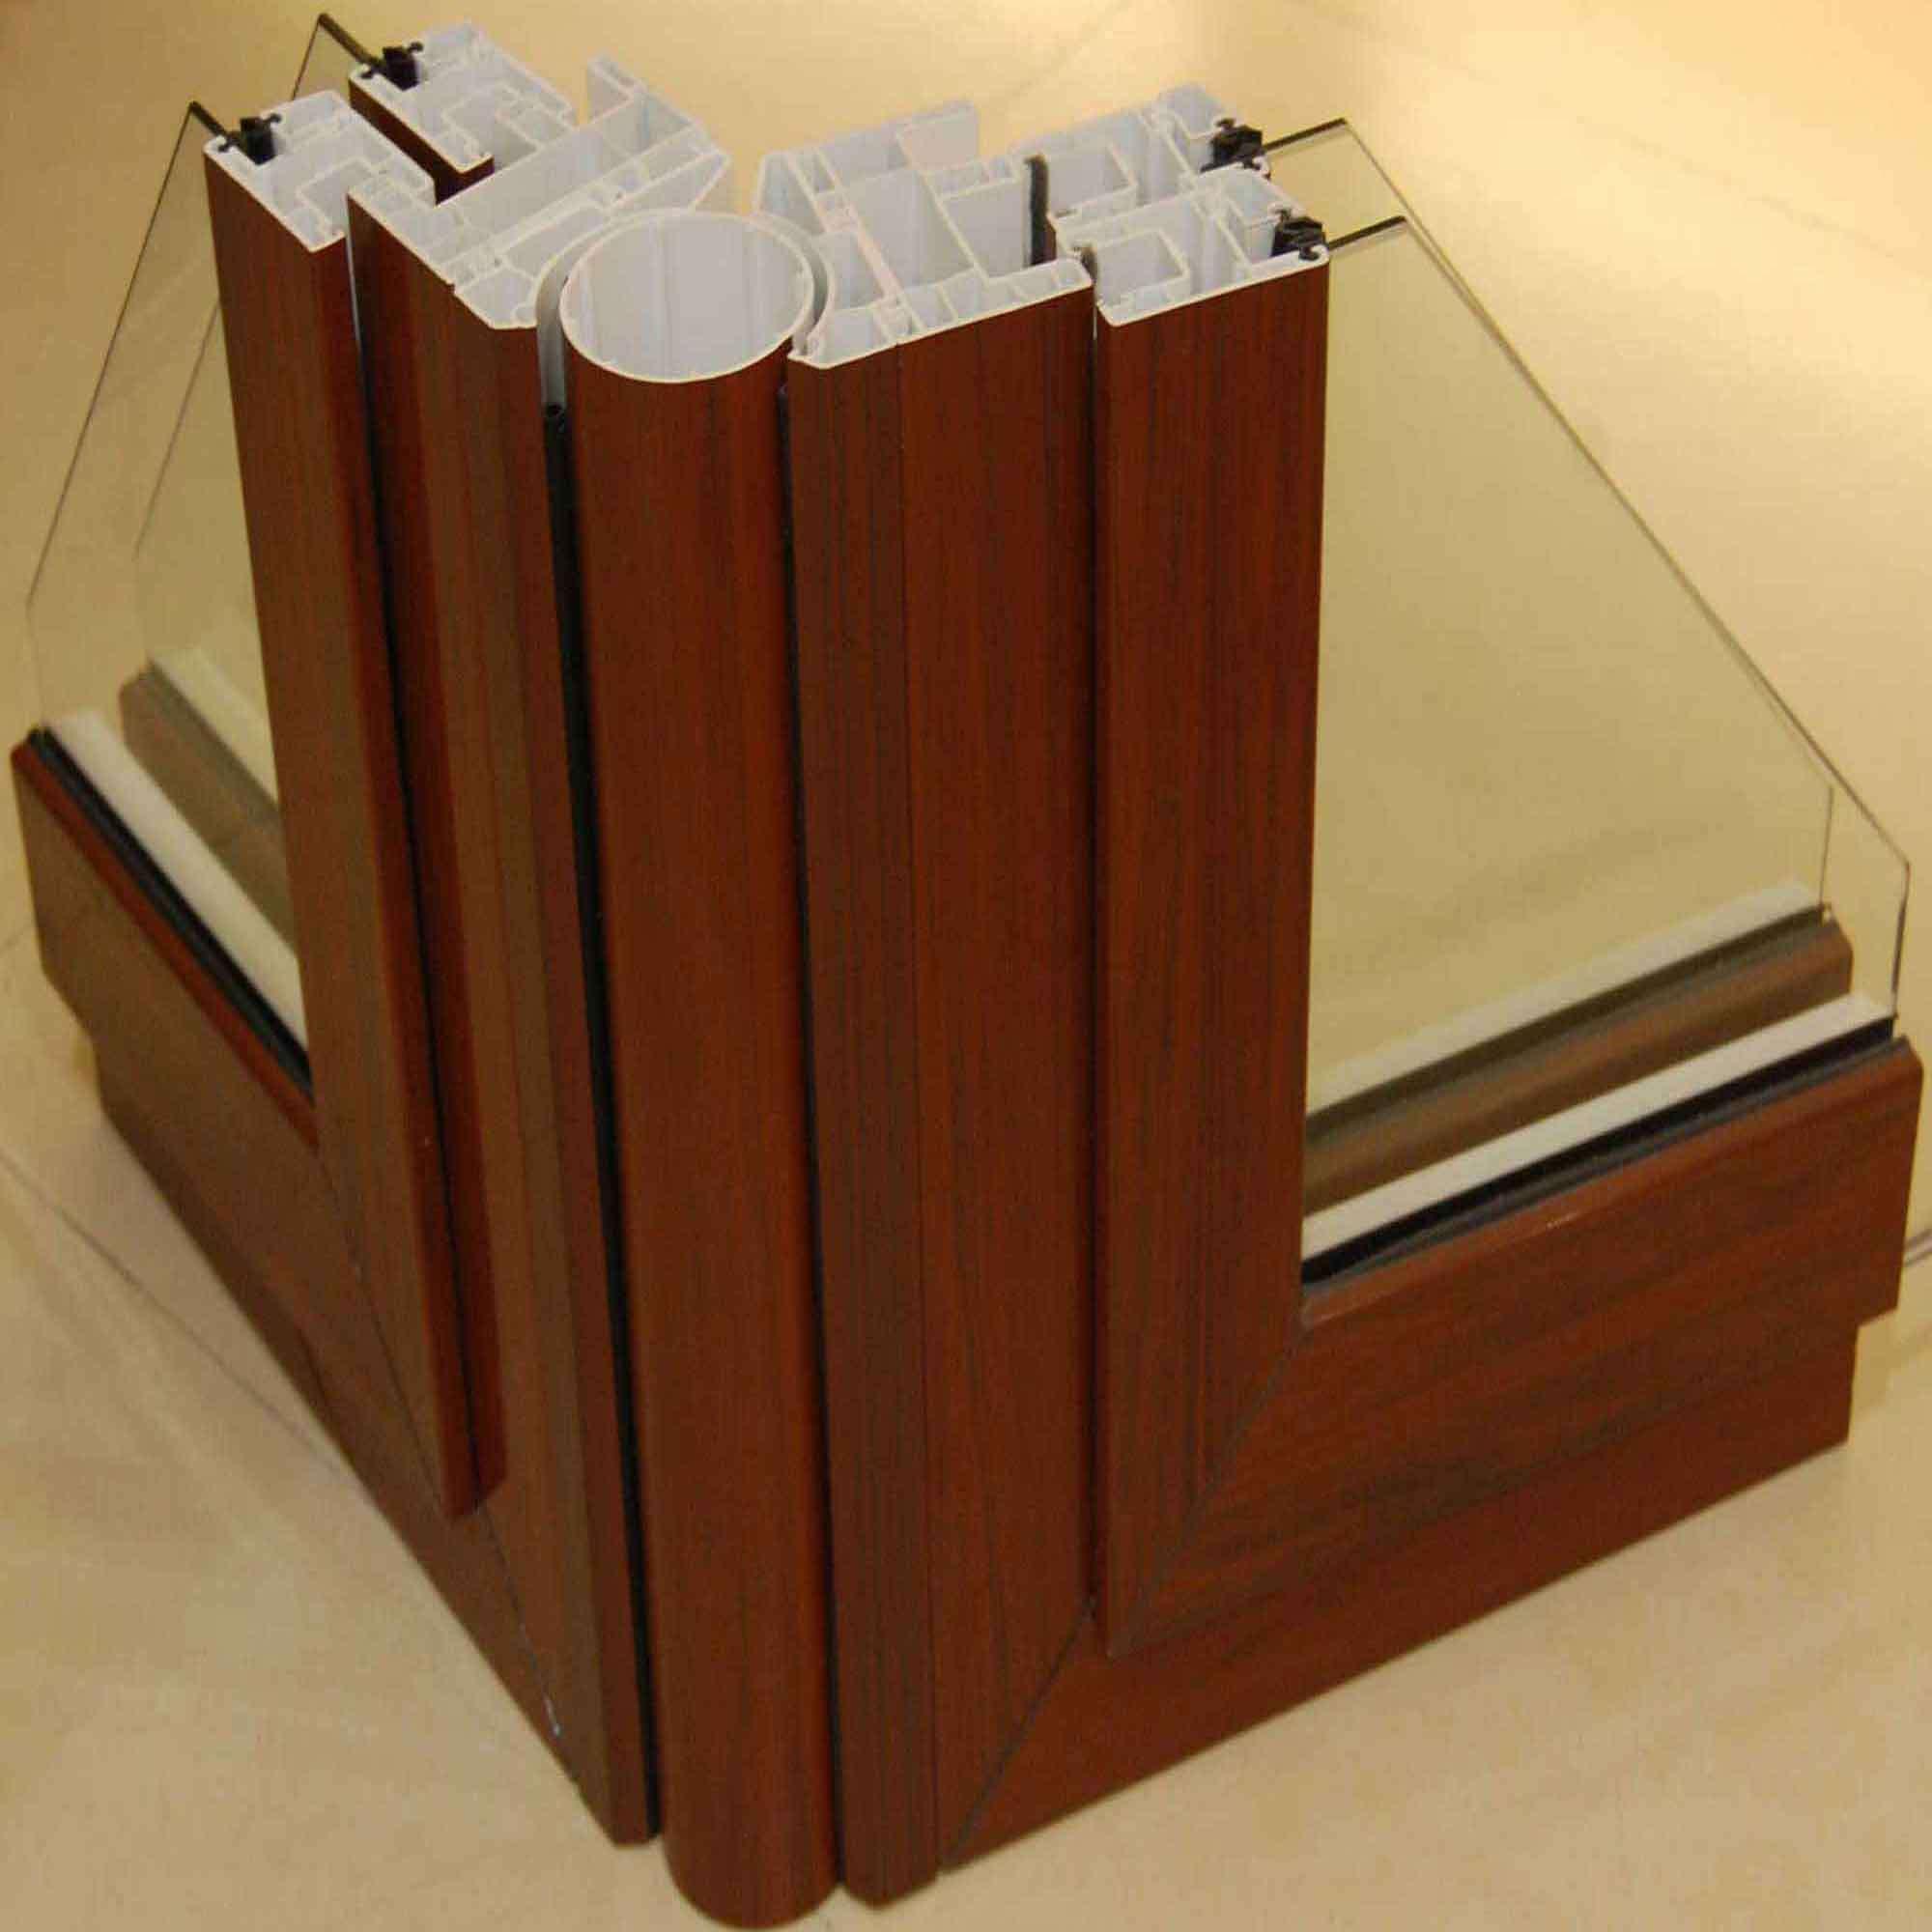 Perfil de madera del pvc de la coextrusi n perfil de for Perfiles de madera